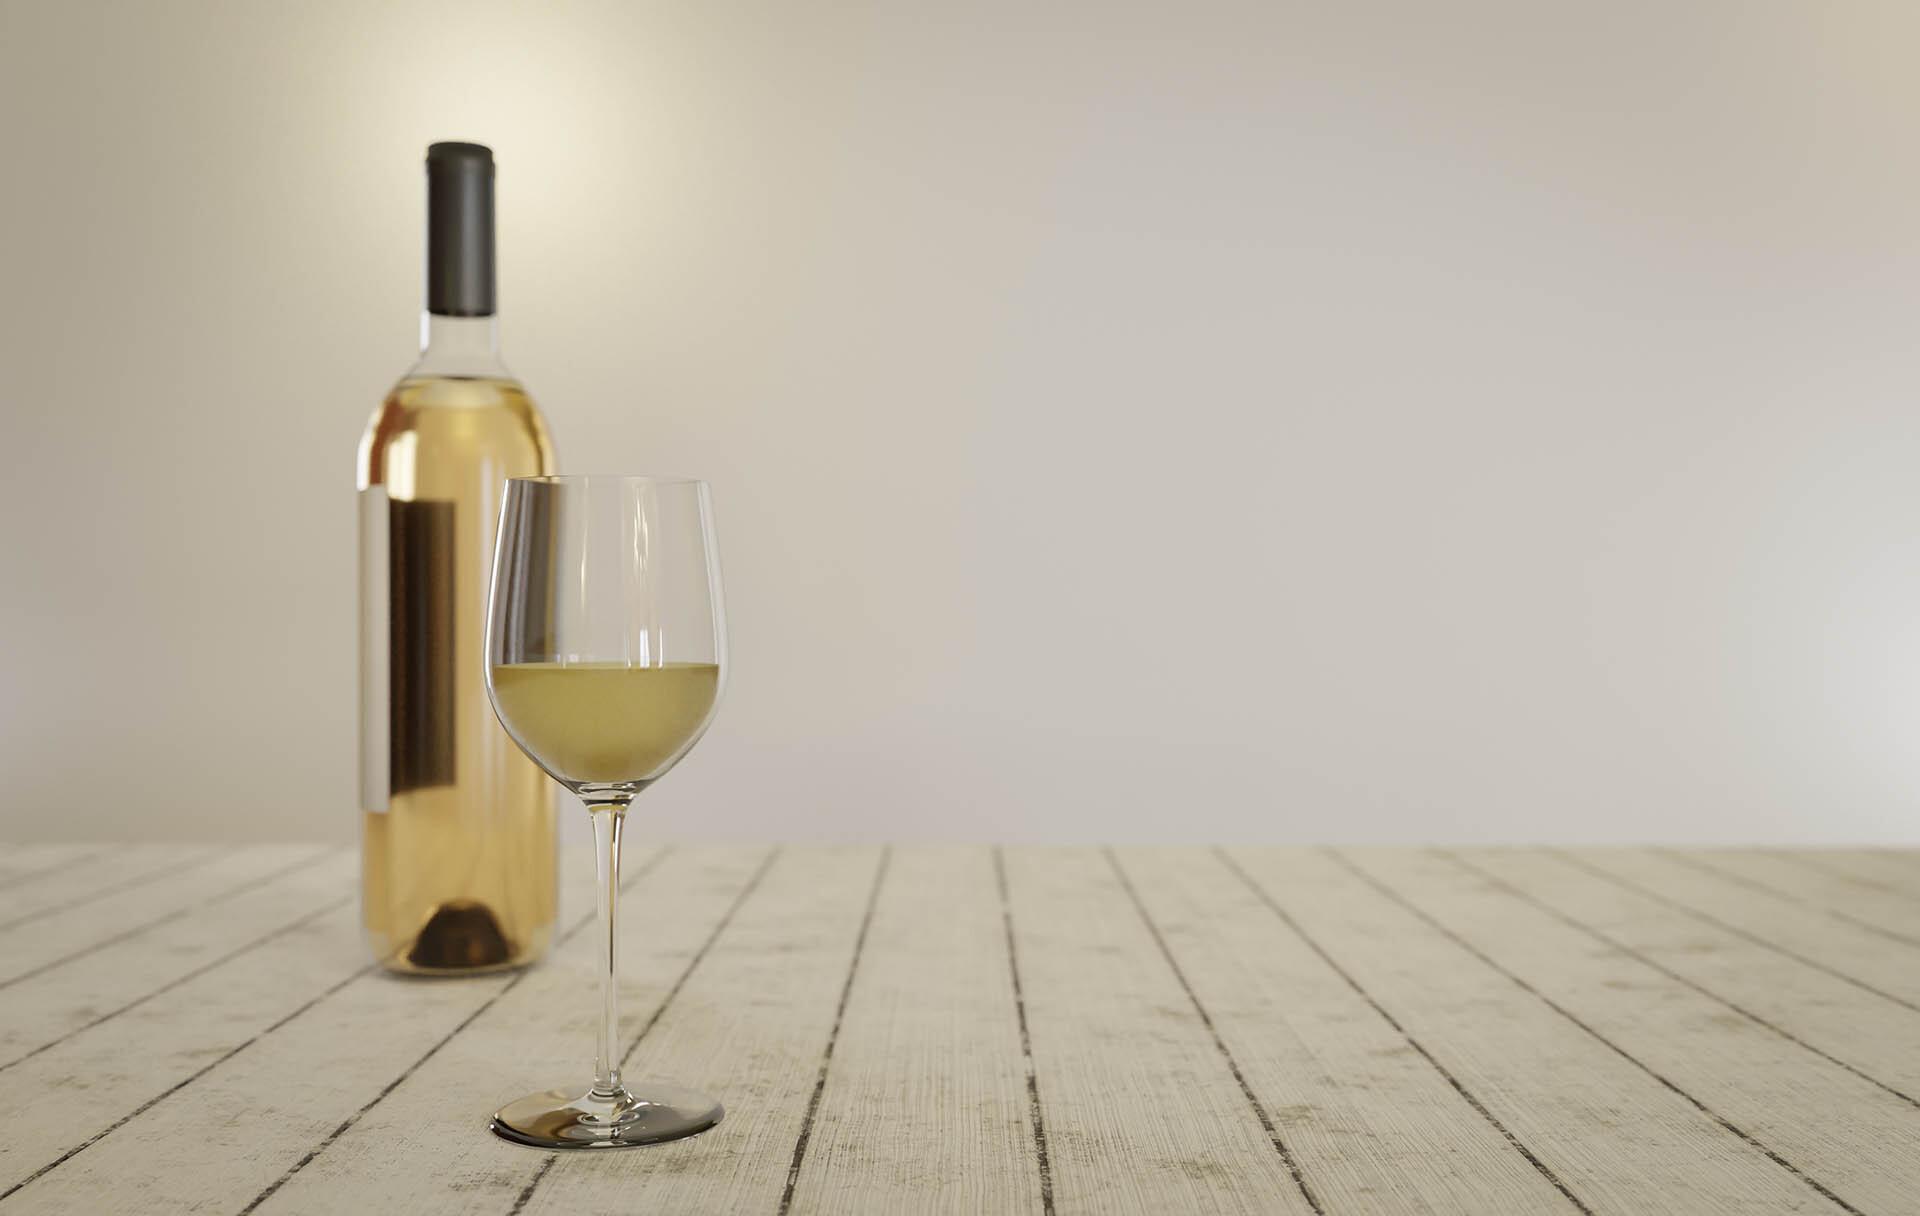 Foto der Schale Weißwein